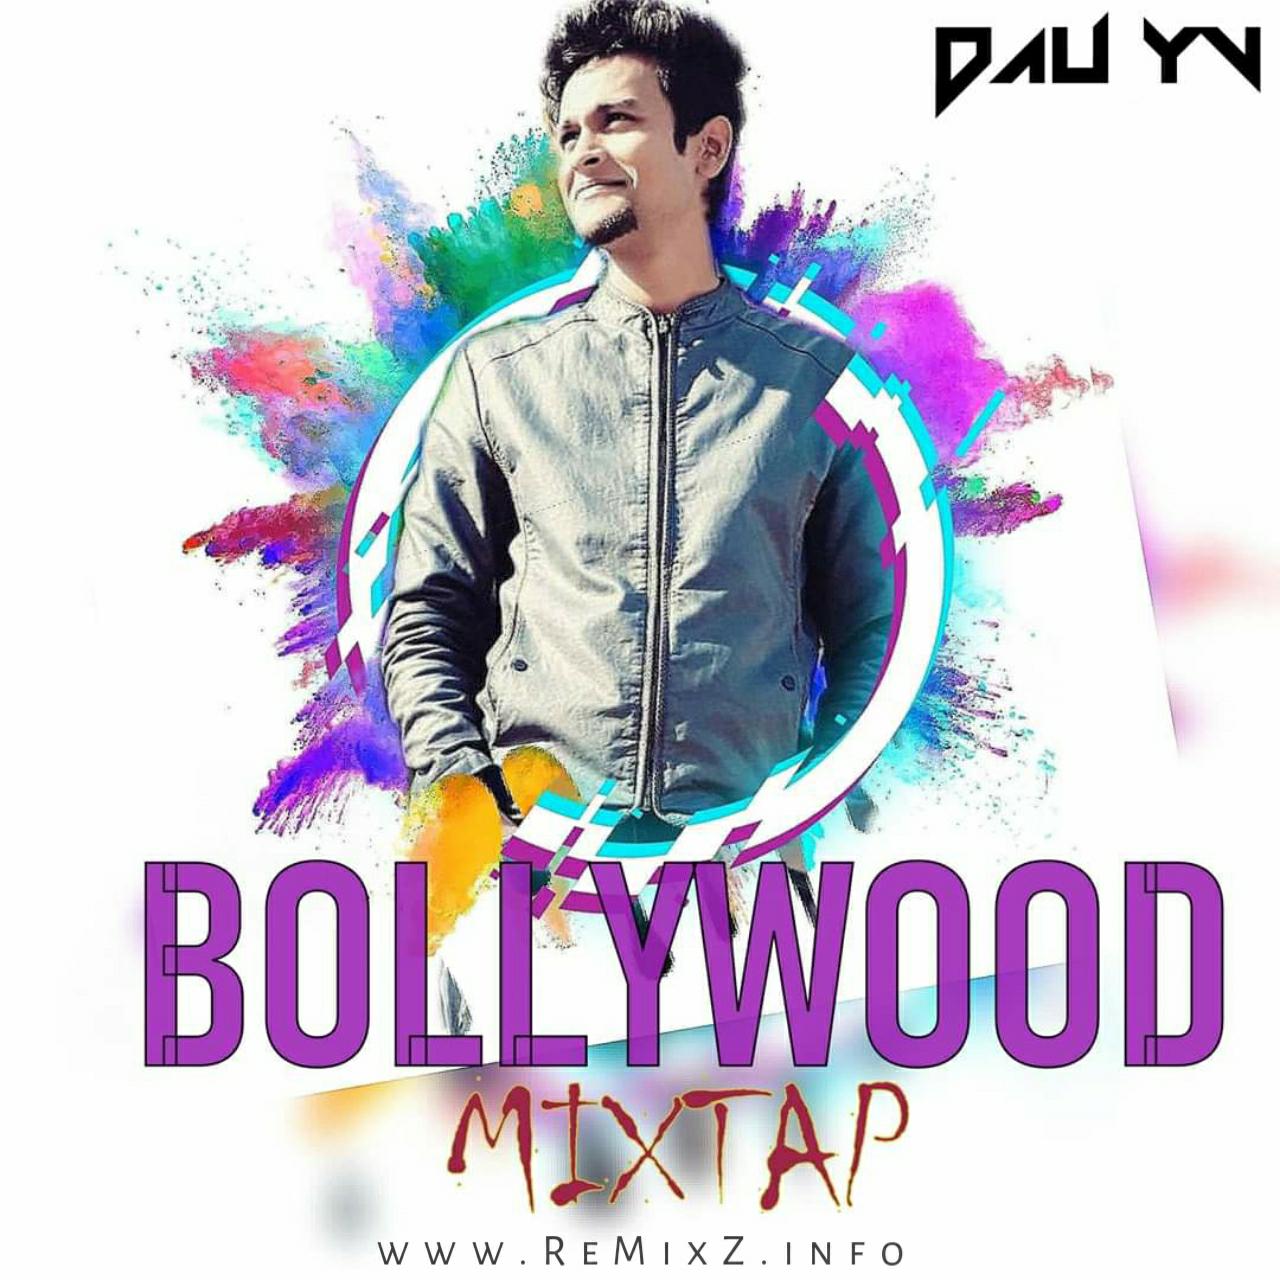 bollywood-mixtap-2020-dau-yv.jpg